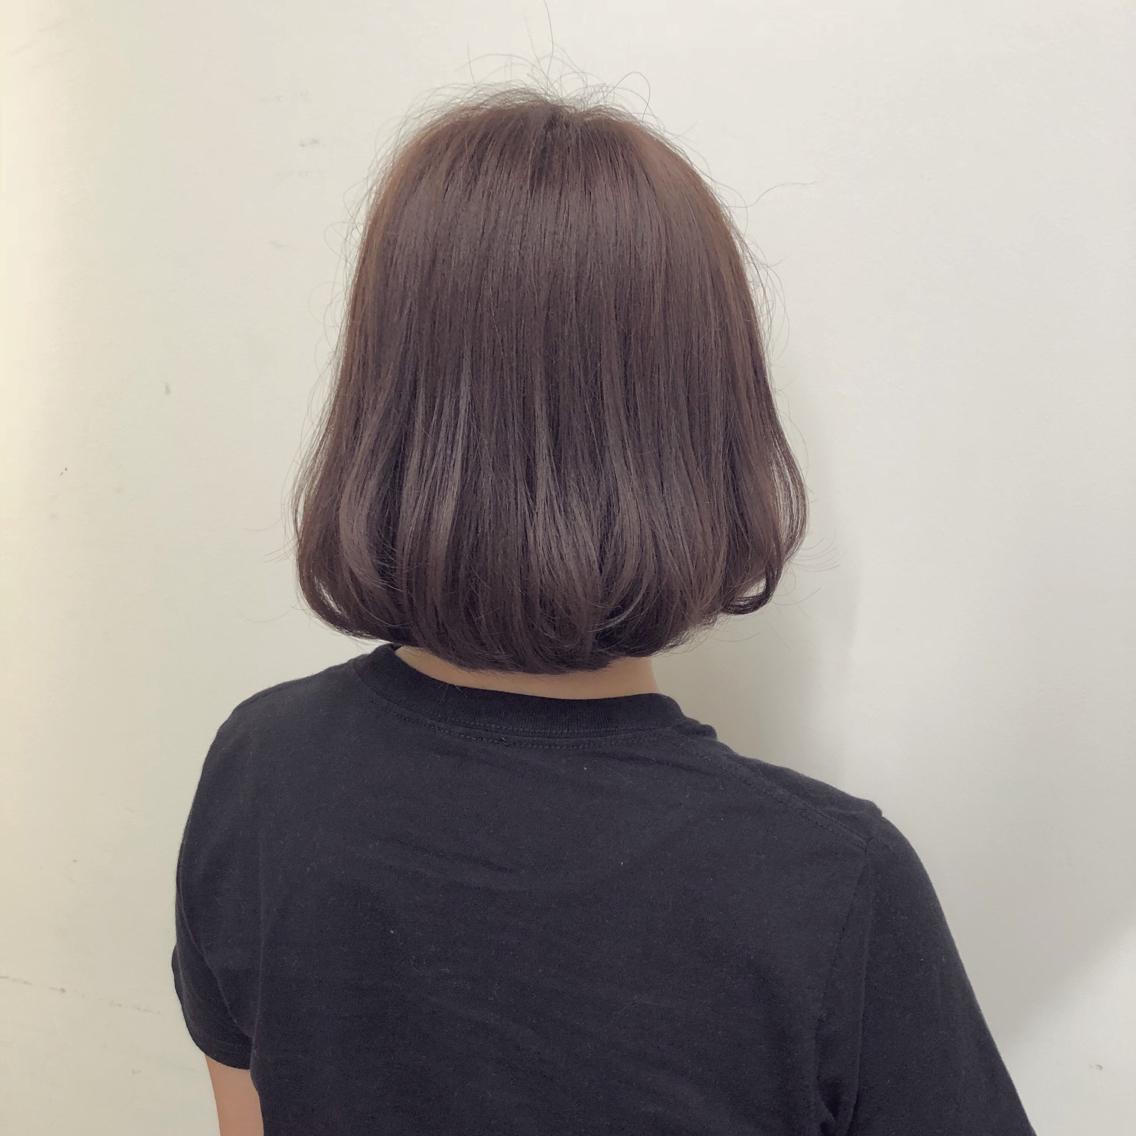 #ショート #カラー #パーマ #ヘアアレンジ 【パープルグレージュ】  Instagramにもヘアスタイル載せてますので是非♪♪ ⬇︎⬇︎ yuuki_matsui_